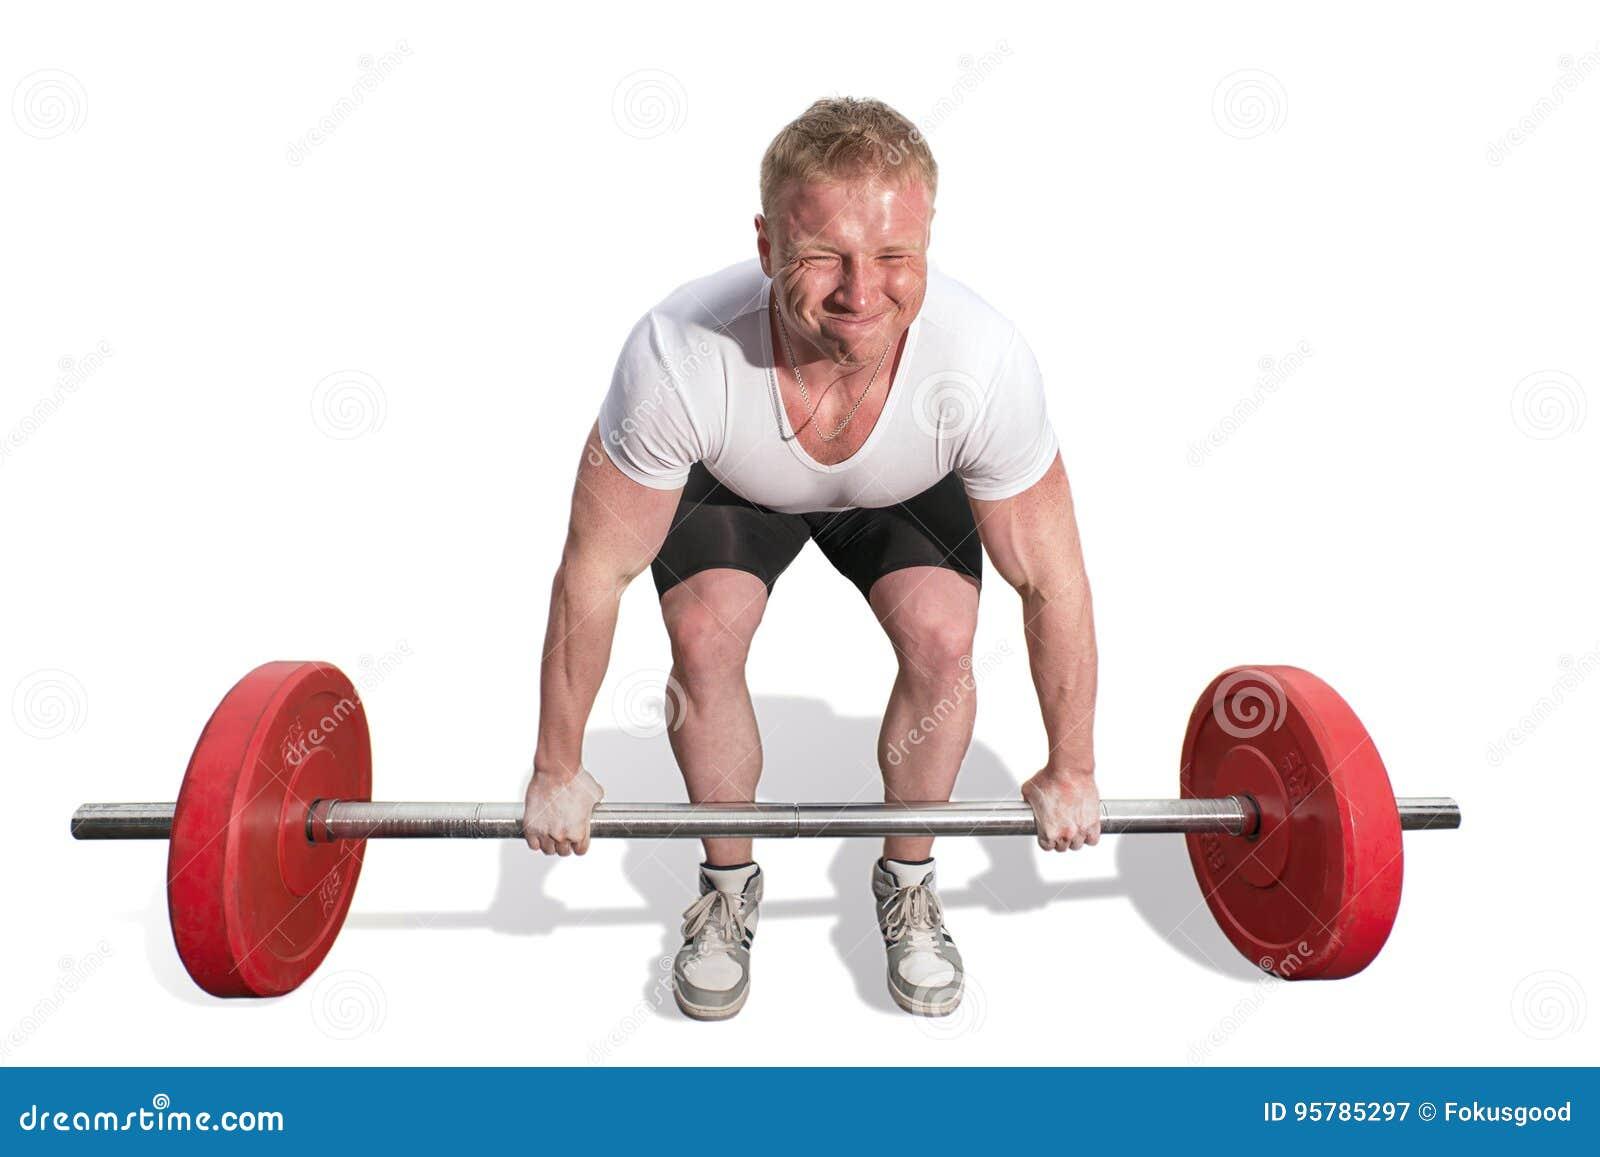 男性举重运动员坐下和培养酒吧